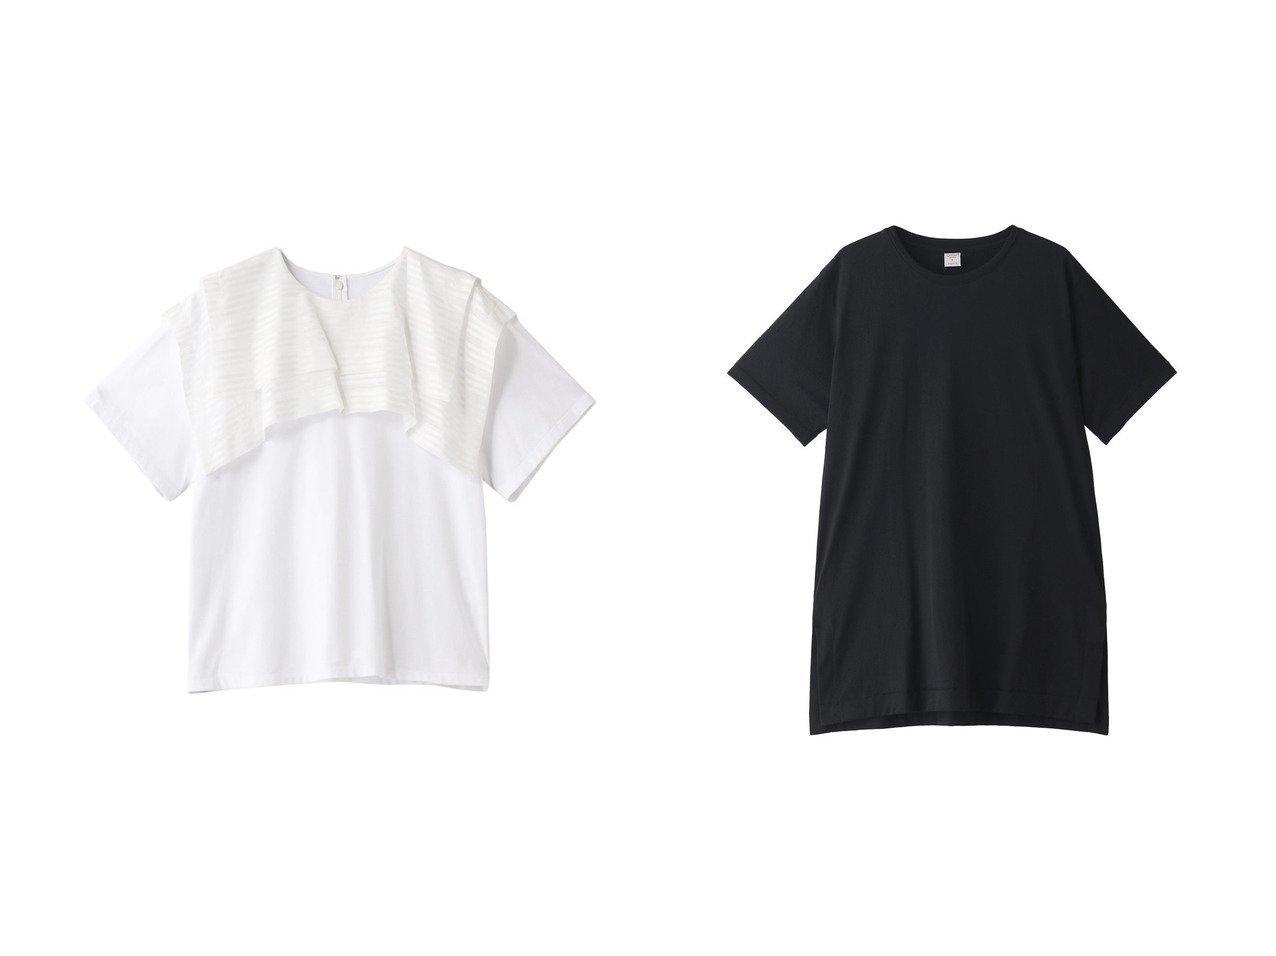 【HOUSE OF LOTUS/ハウス オブ ロータス】の【gicipi】Tシャツ&【LE CIEL BLEU/ルシェル ブルー】のバイカラーTee 【トップス・カットソー】おすすめ!人気、トレンド・レディースファッションの通販 おすすめで人気の流行・トレンド、ファッションの通販商品 インテリア・家具・メンズファッション・キッズファッション・レディースファッション・服の通販 founy(ファニー) https://founy.com/ ファッション Fashion レディースファッション WOMEN トップス・カットソー Tops/Tshirt シャツ/ブラウス Shirts/Blouses ロング / Tシャツ T-Shirts カットソー Cut and Sewn 2020年 2020 2020-2021秋冬・A/W AW・Autumn/Winter・FW・Fall-Winter/2020-2021 2021年 2021 2021-2022秋冬・A/W AW・Autumn/Winter・FW・Fall-Winter・2021-2022 A/W・秋冬 AW・Autumn/Winter・FW・Fall-Winter カットソー ショート シンプル スリーブ 半袖 |ID:crp329100000063966